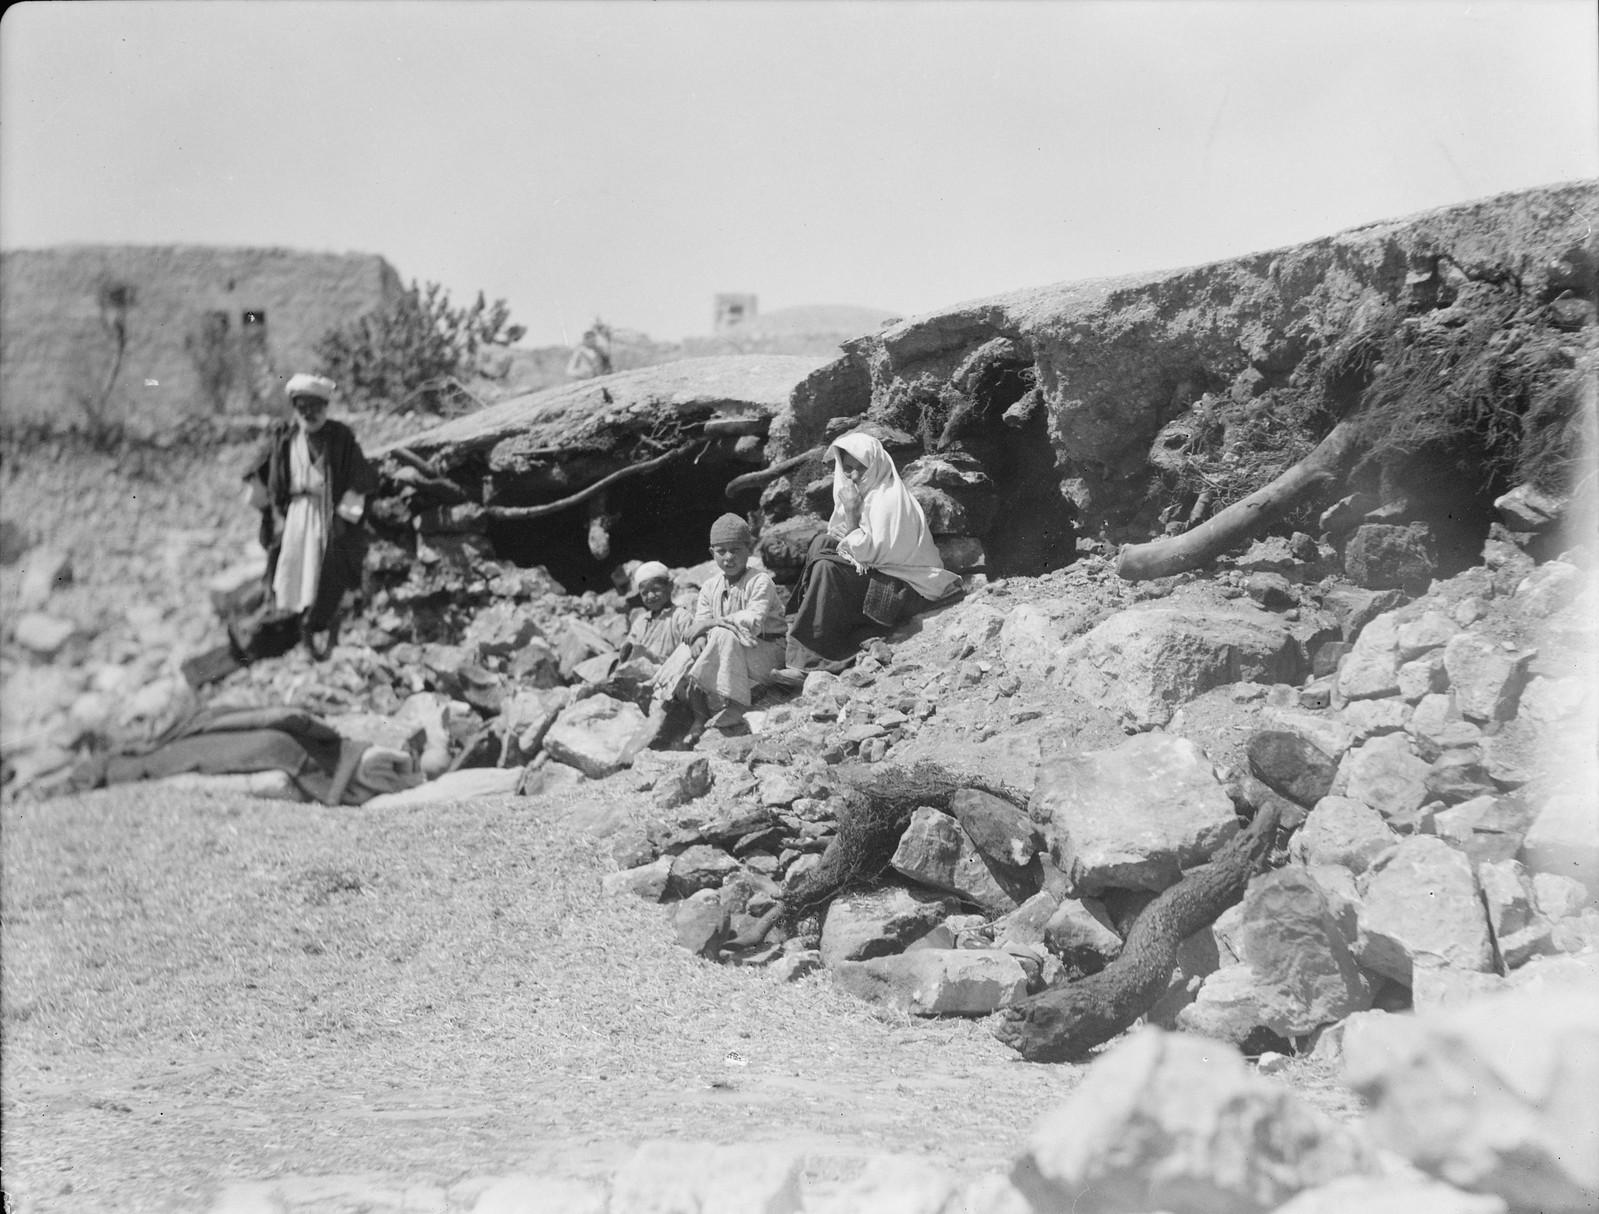 21. Британцы взорвали арабские дома в деревне Халхул близ Хеврона. Это было проделано в рамках операции по изъятию оружия